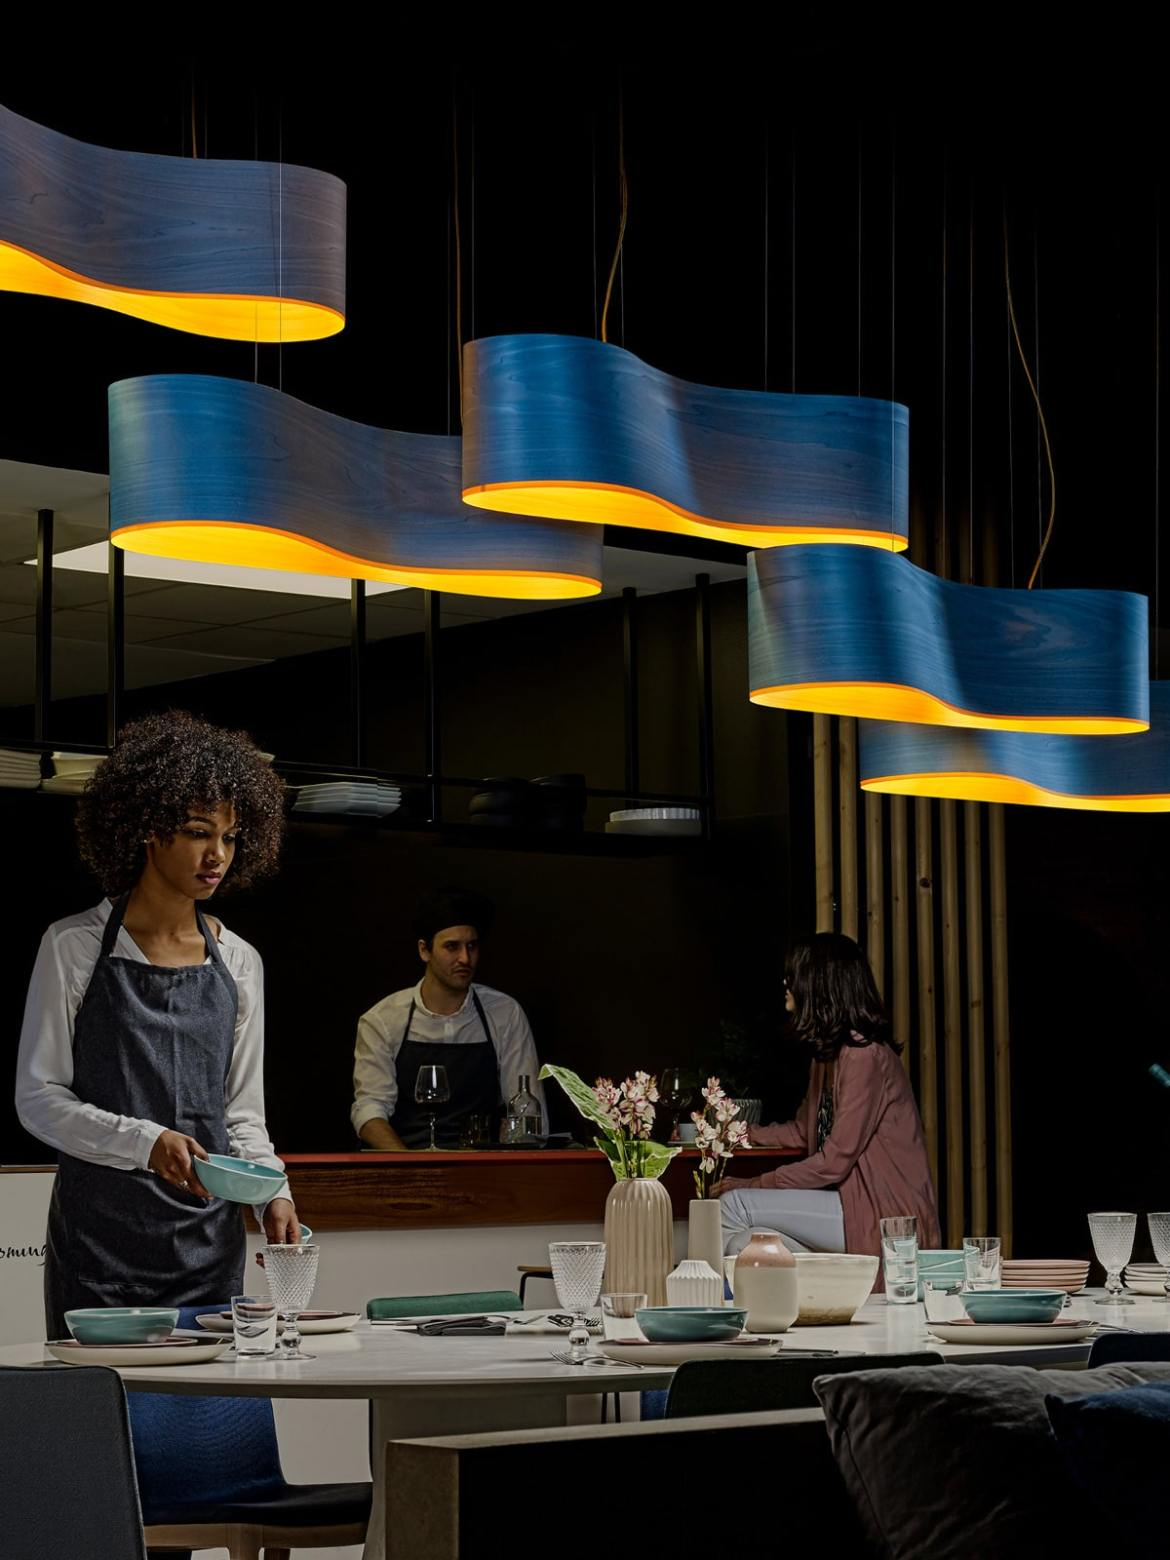 DesignOrt Blog: Faszination Farbe: Holzfurnier von LZF Lamps New Wave LED Leuchte in Blau